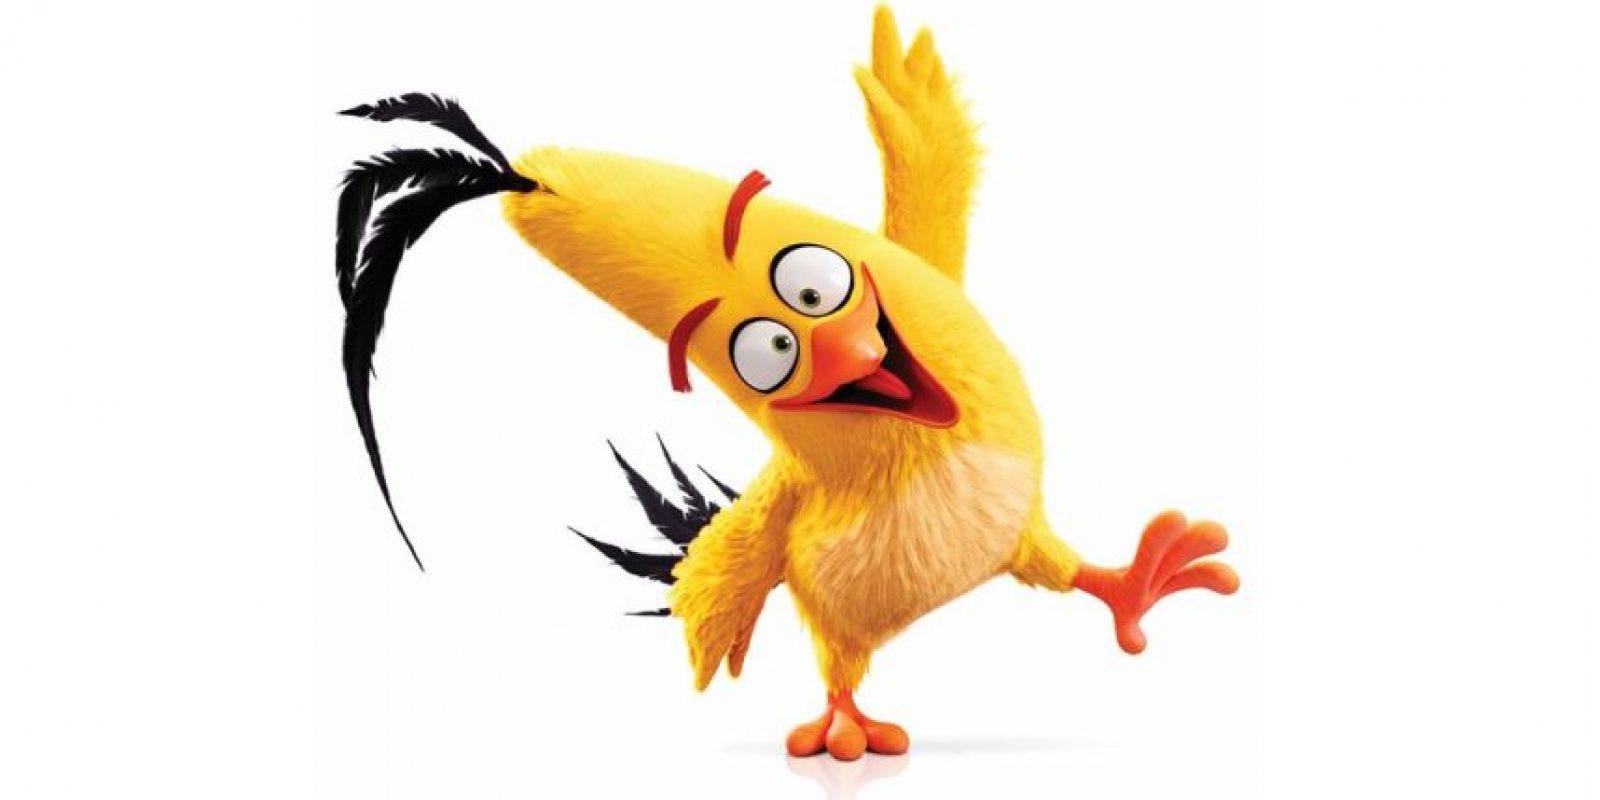 """Angry birds ¿Recuerdas ese juego para móviles ridículamente adictivo en el que tiras a pájaros rotundos contra cerdos incluso más gordos? Bueno, ahora quieren rizar algunas plumas en el mundo del cine, con una adaptación animada llegando a la pantalla grande en mayo. Con Josh Gad (la voz de Olaf en """"Frozen"""").Fecha de lanzamiento: 20 May ((EE.UU.)"""